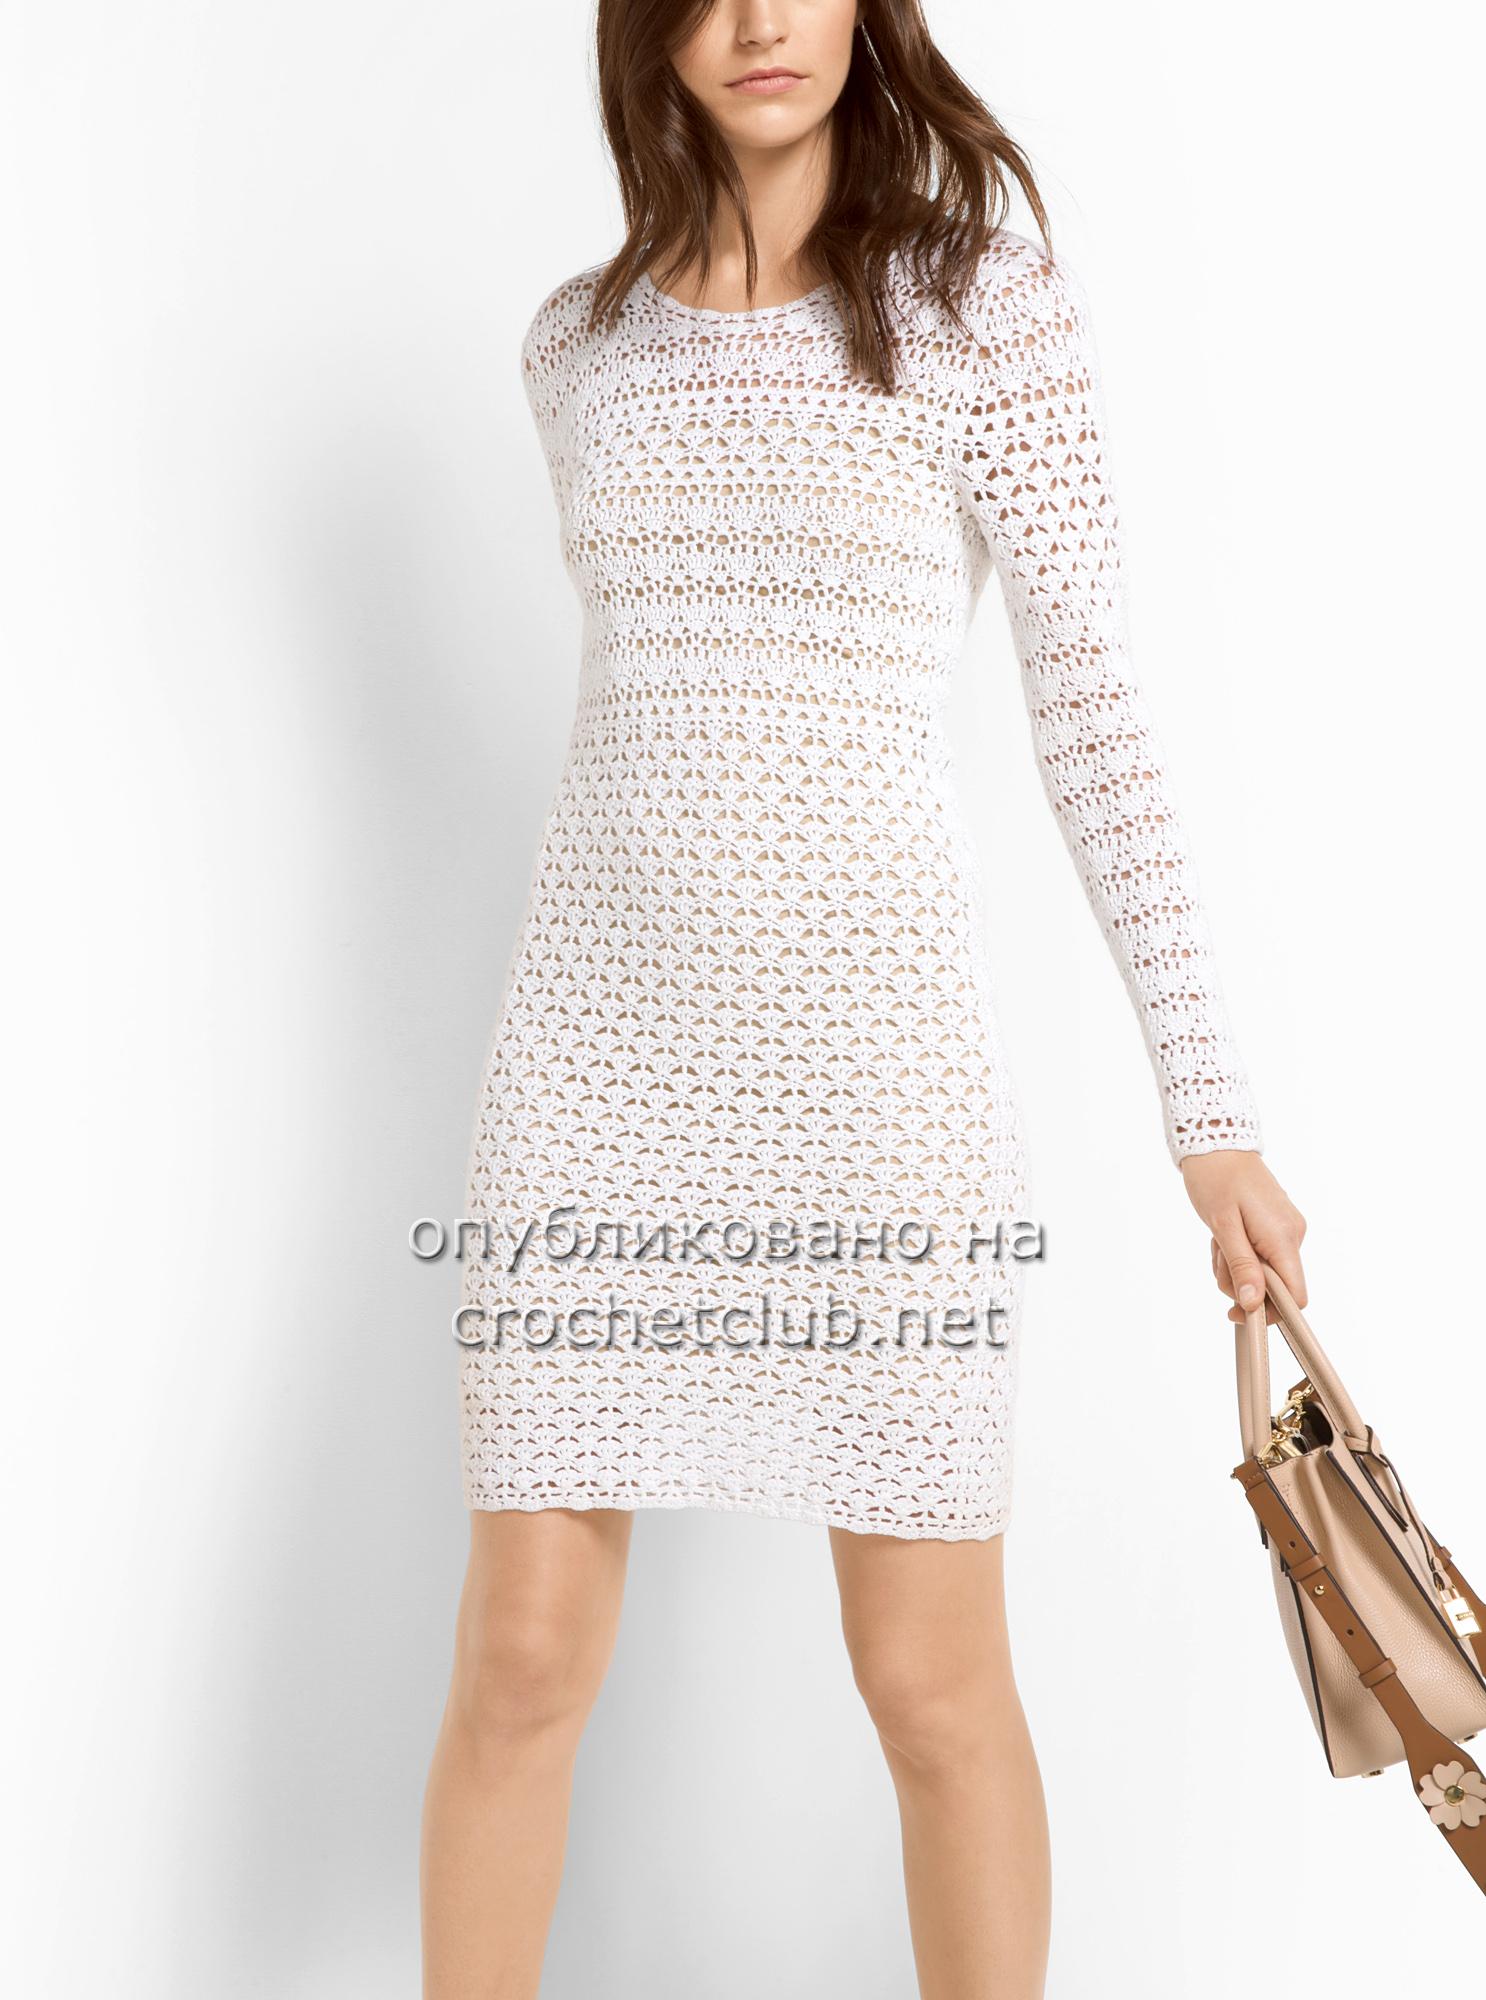 фото платье крючком